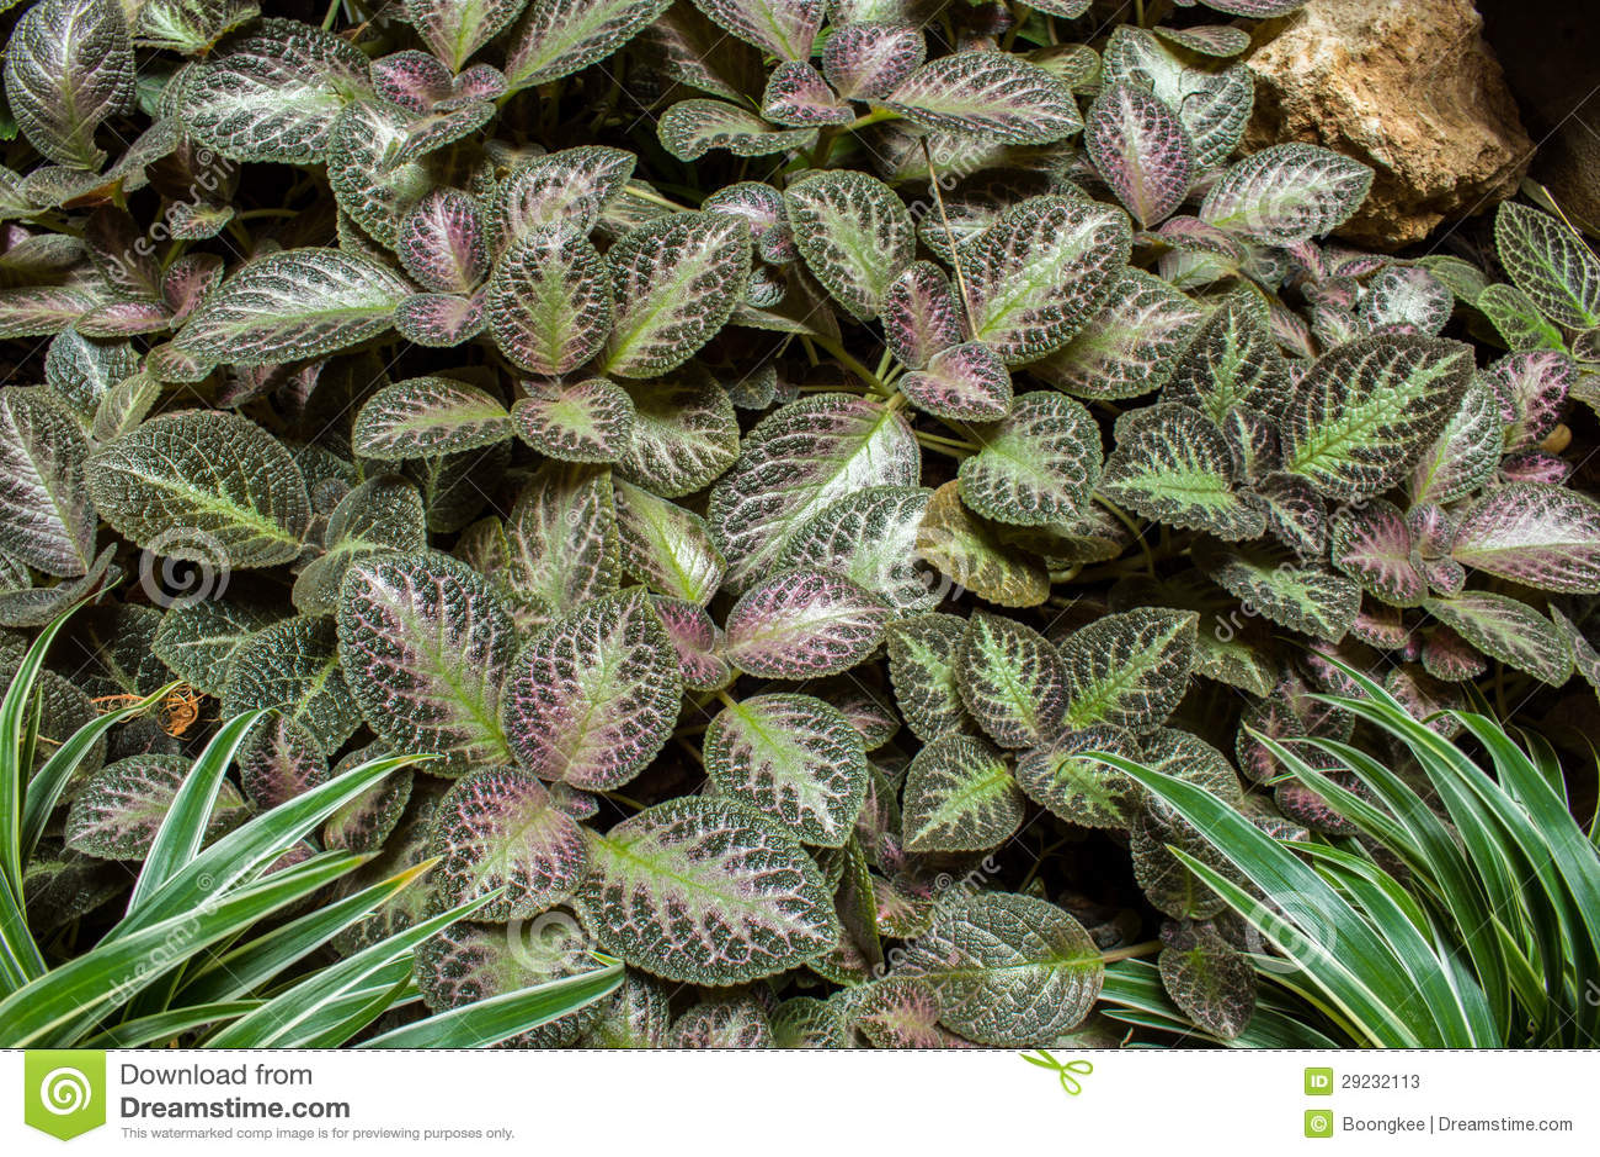 Download Planta se jardim imagem de stock. Imagem de frio, vegetação - 29232113